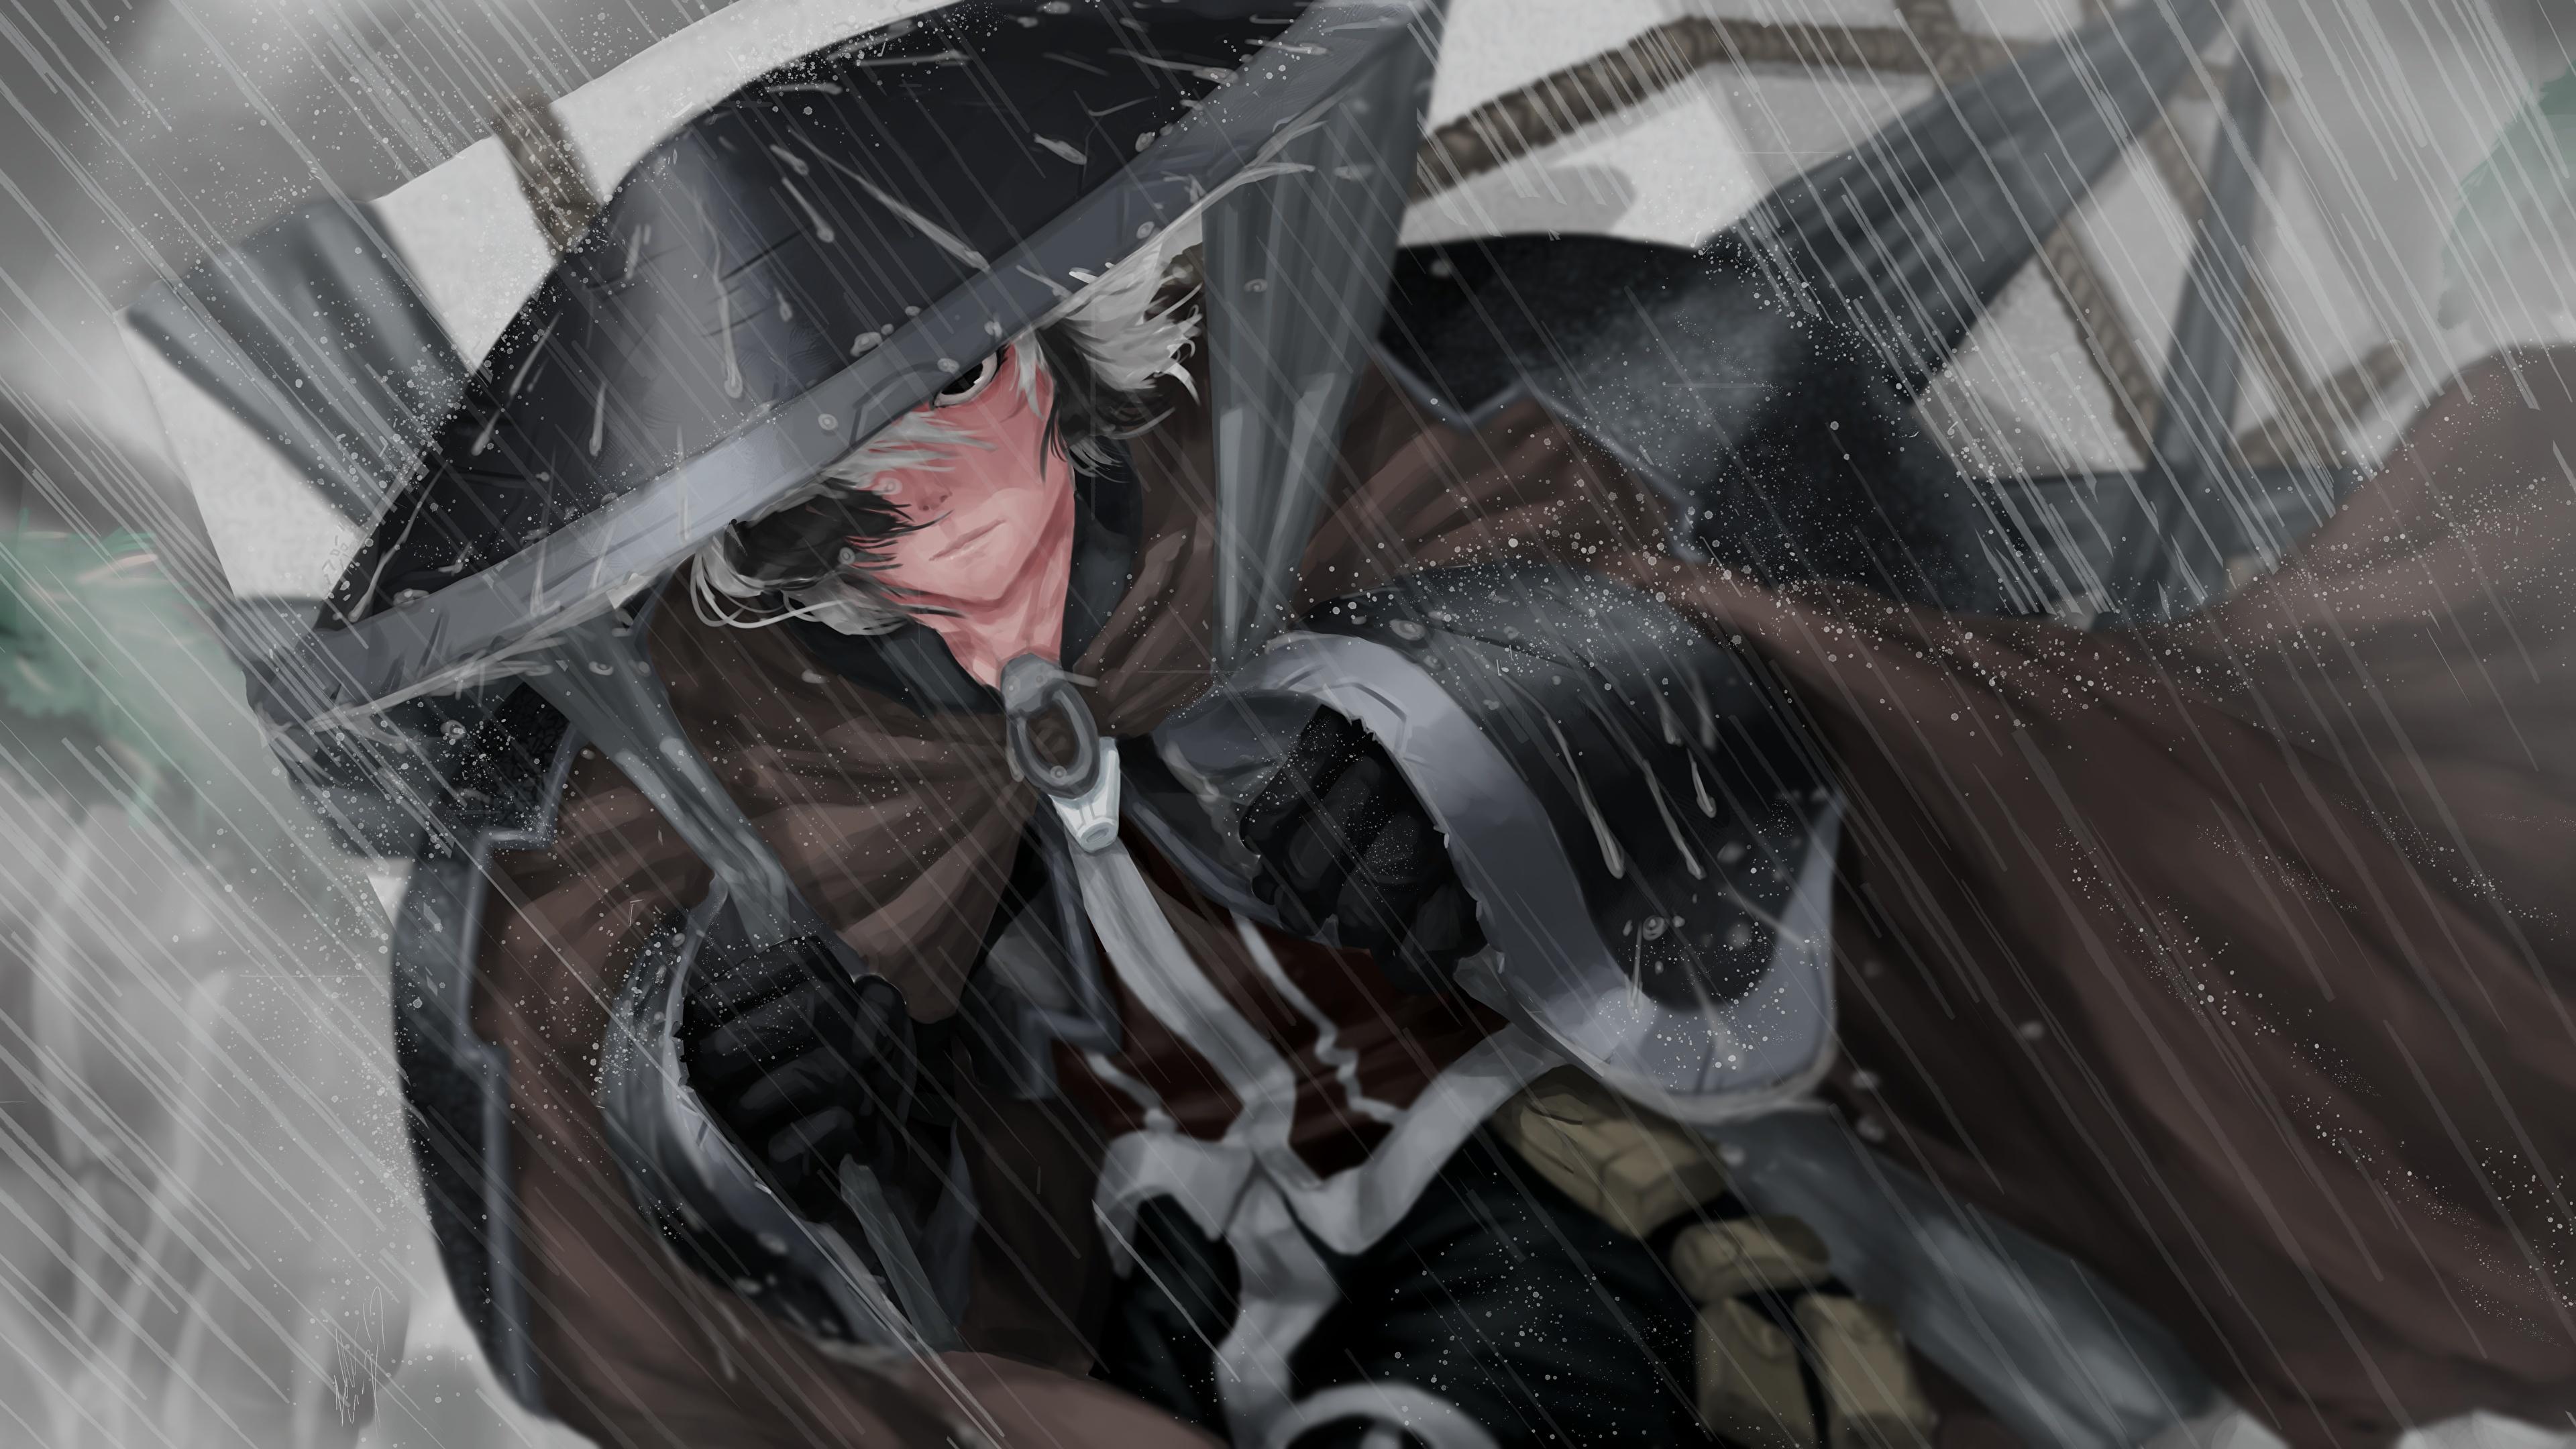 Papeis De Parede 3840x2160 Chuva Chapeu Samurai Gota Anime Baixar Imagens